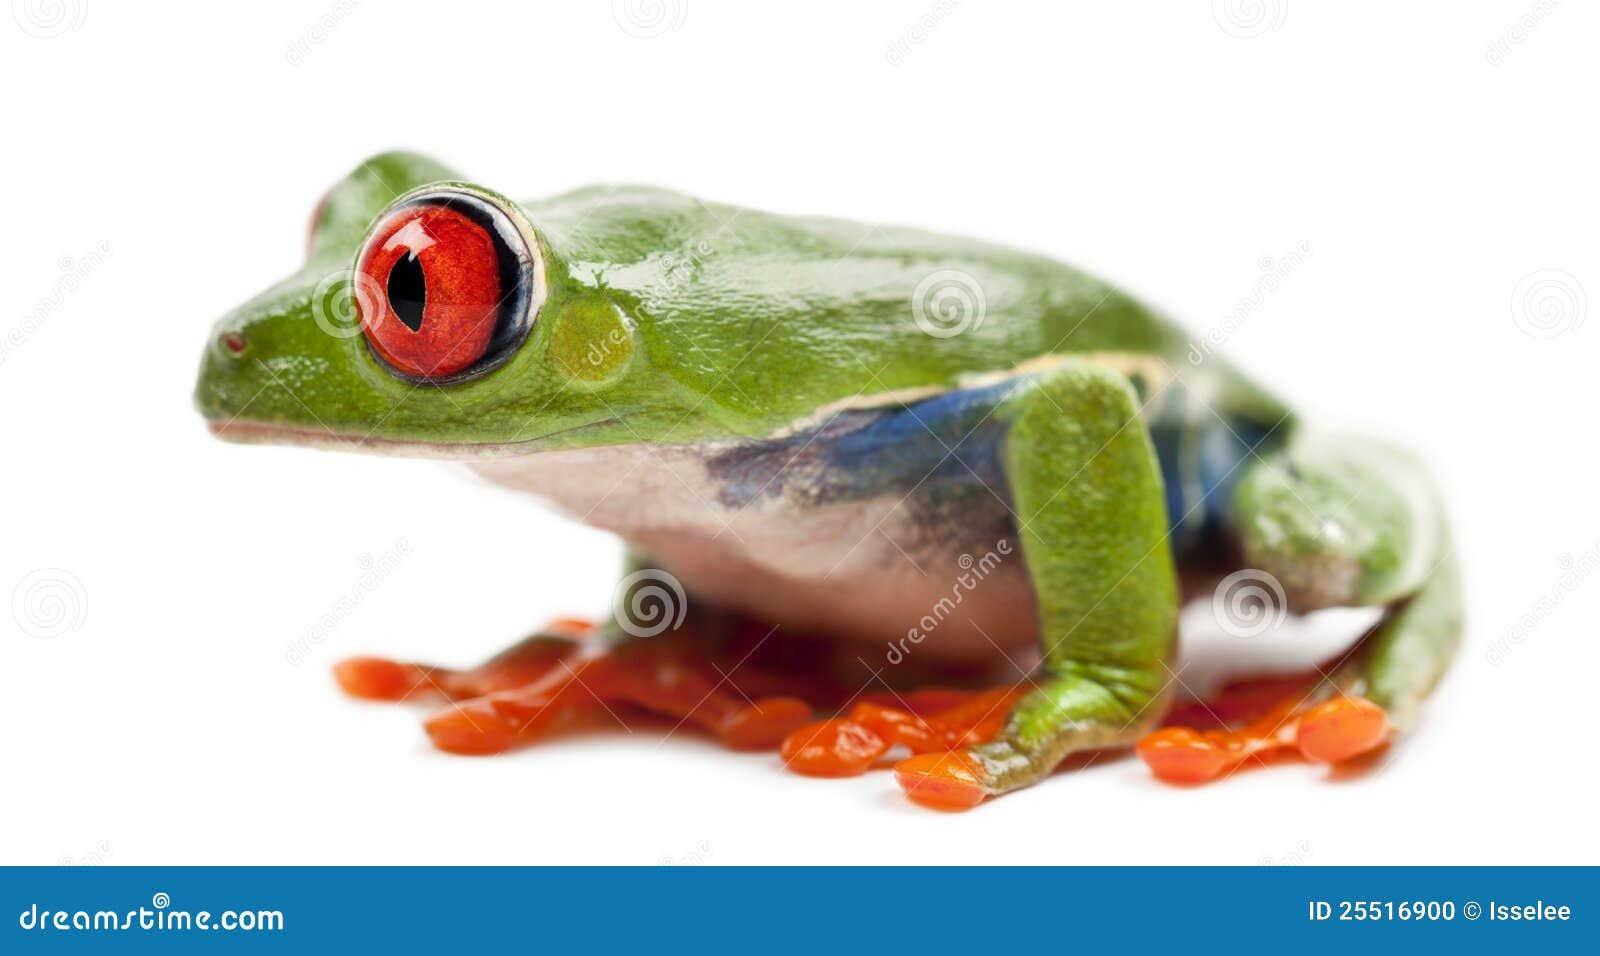 Red-eyed Treefrog, Agalychnis callidryas